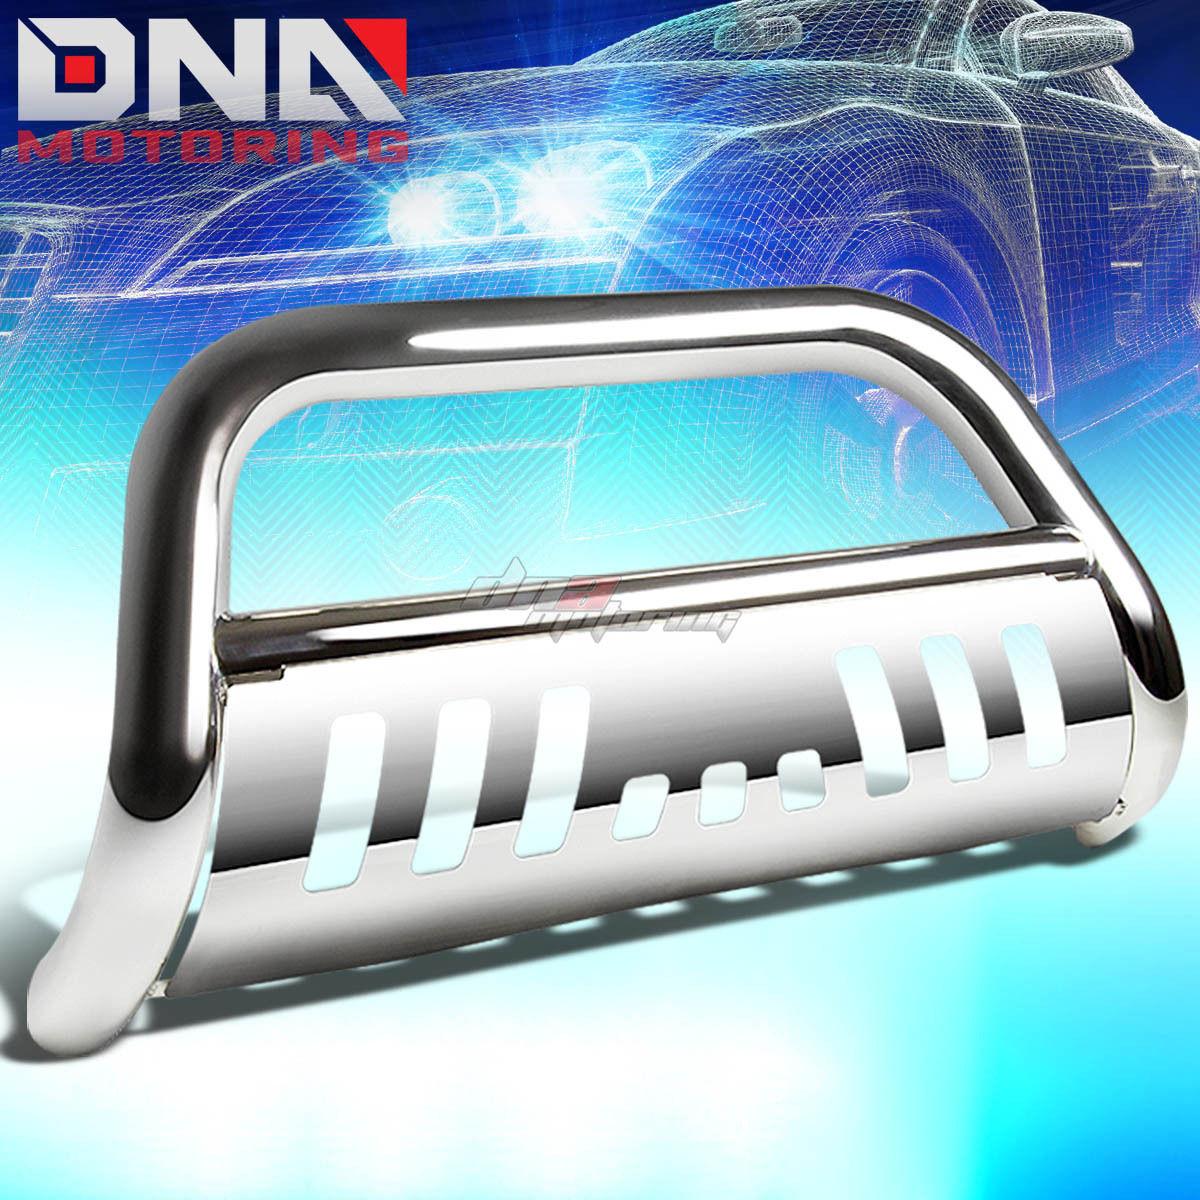 グリル 02-09 RAM 1500/2500/3500 TRUCKステンレス鋼製クロームバーグリルガード FOR 02-09 RAM 1500/2500/3500 TRUCK STAINLESS STEEL CHROME BULL BAR GRILL GUARD